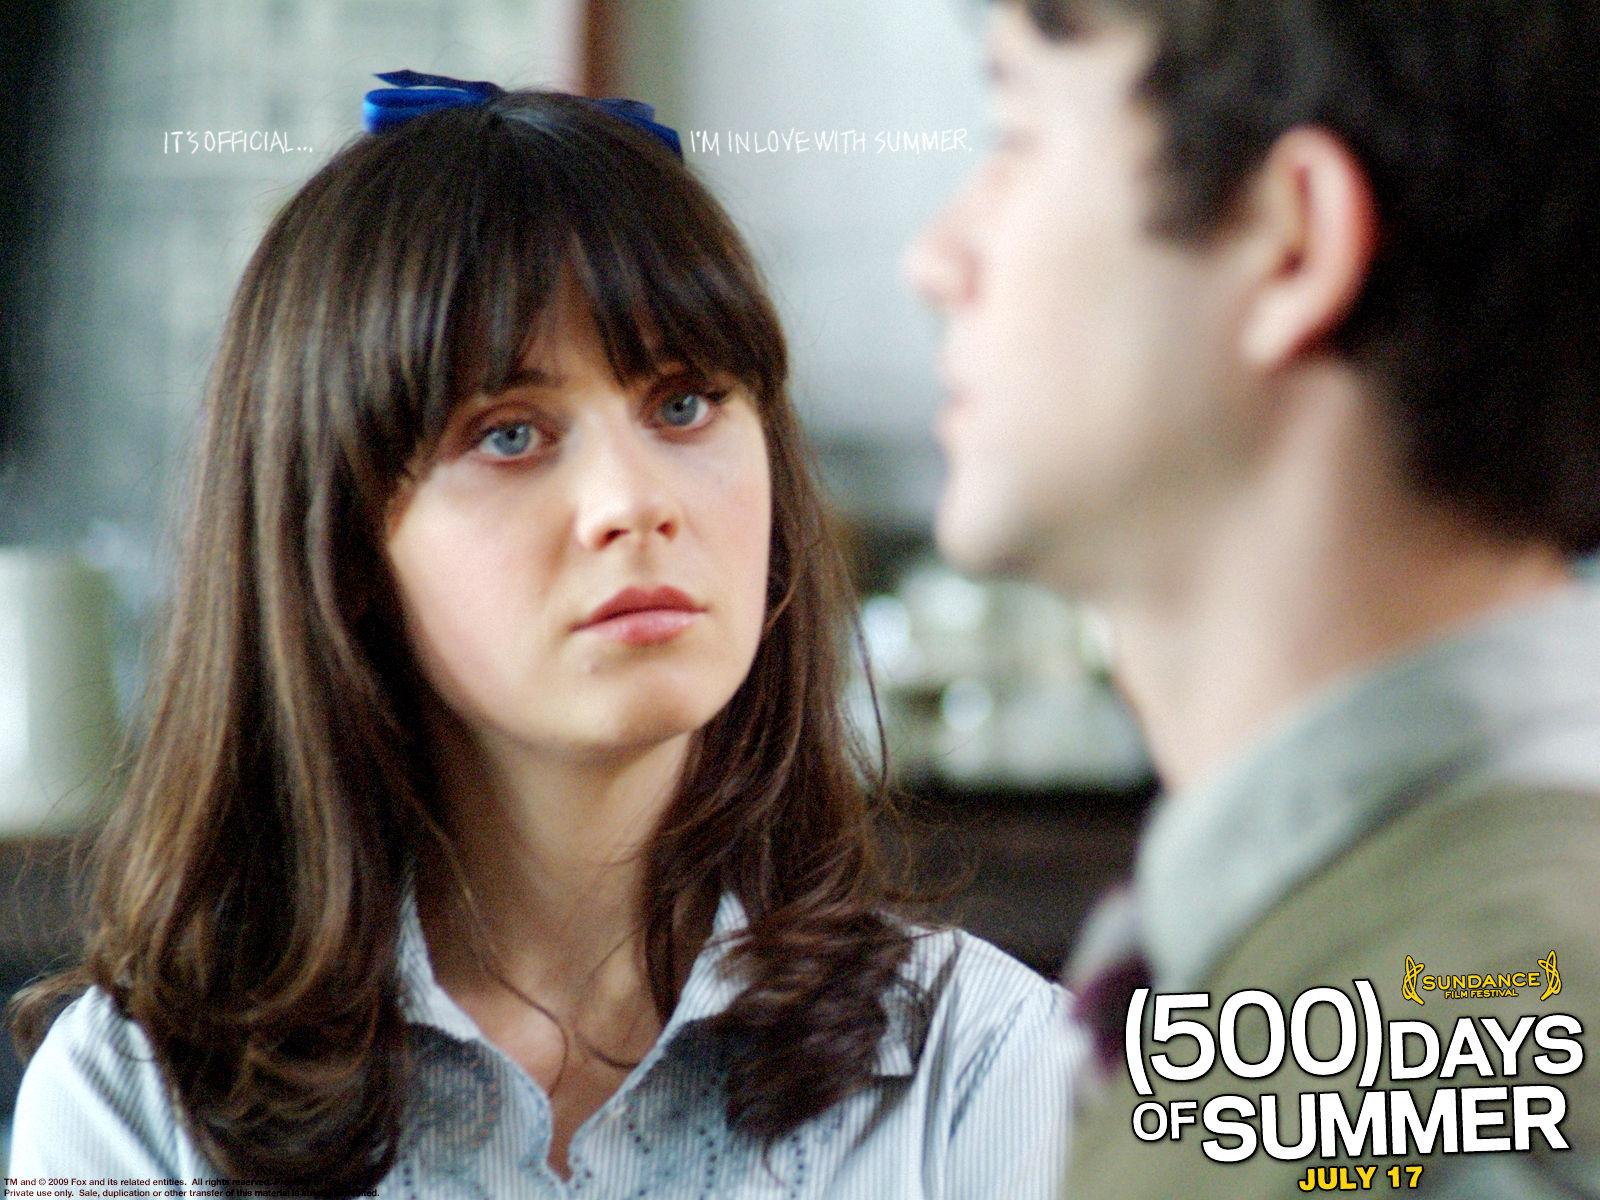 http://3.bp.blogspot.com/_Q-vT-FpCxmo/TSOBItLHuVI/AAAAAAAAACg/UmjxOZRdSFk/s1600/500_days_of_summer04.jpg